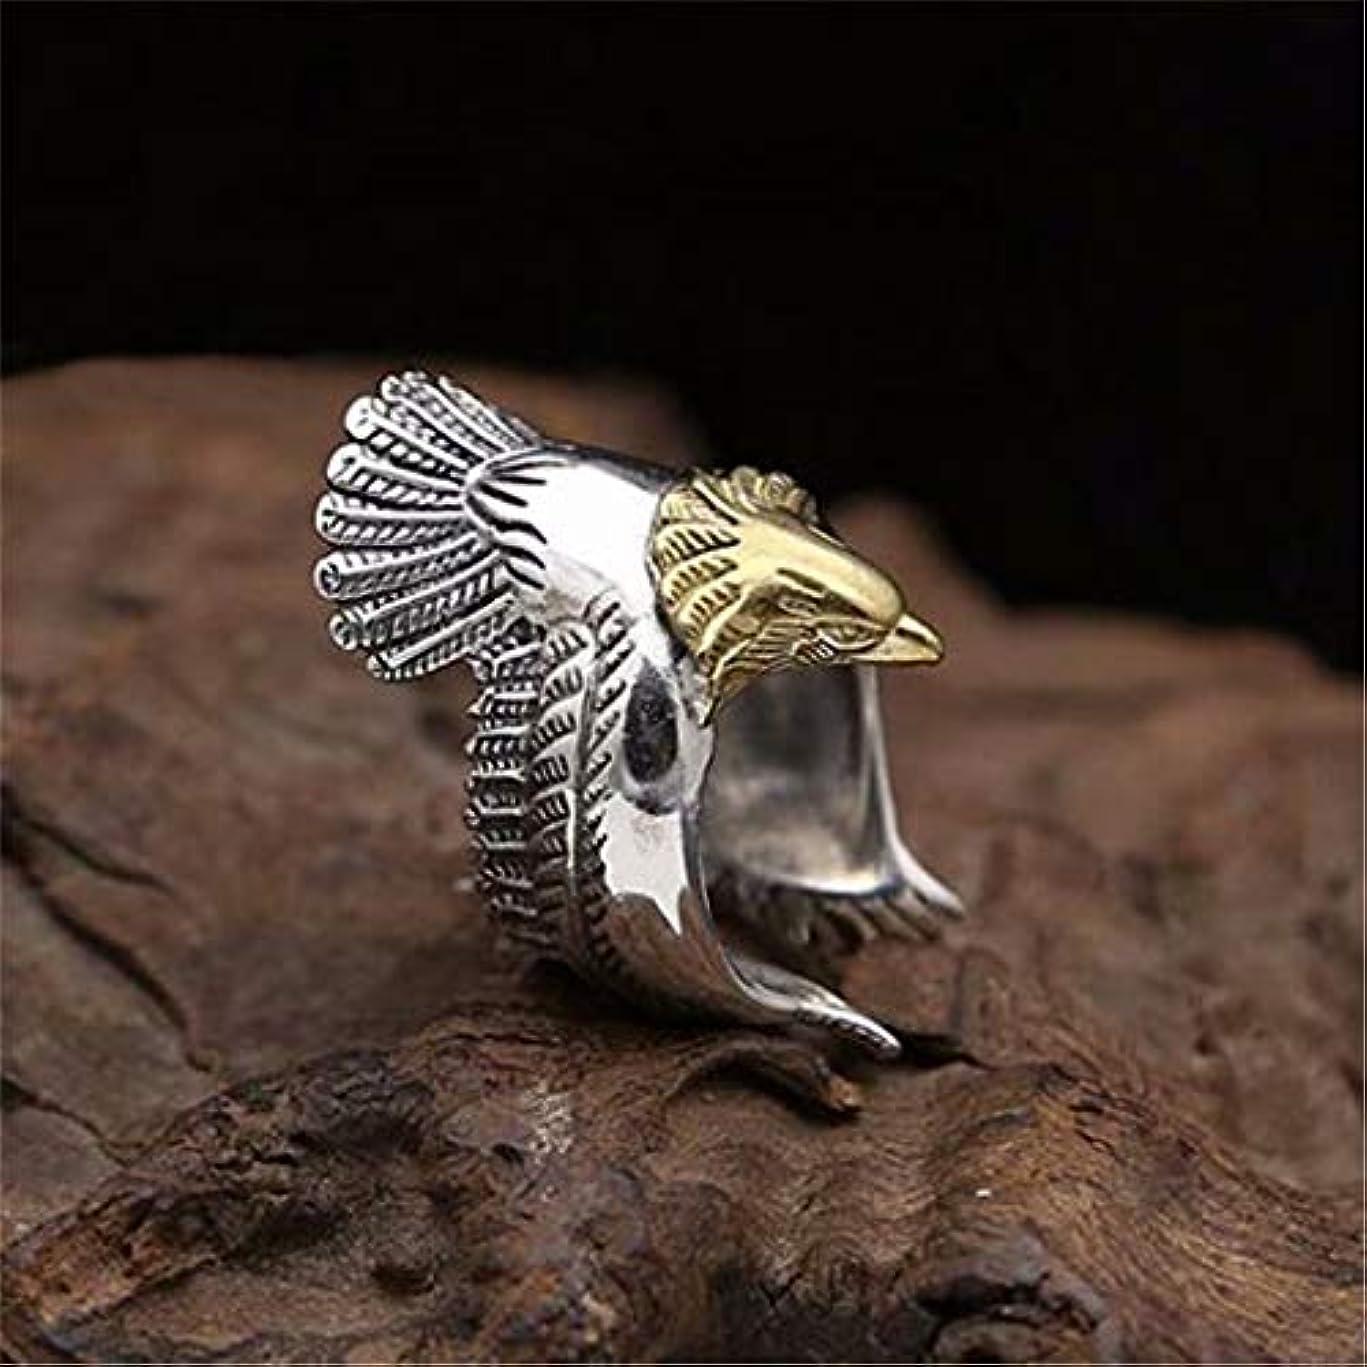 十年締め切りペック七里の香 メンズ レディース 男女 兼用 人気 鷲 羽根 フリー サイズ 指輪 1個